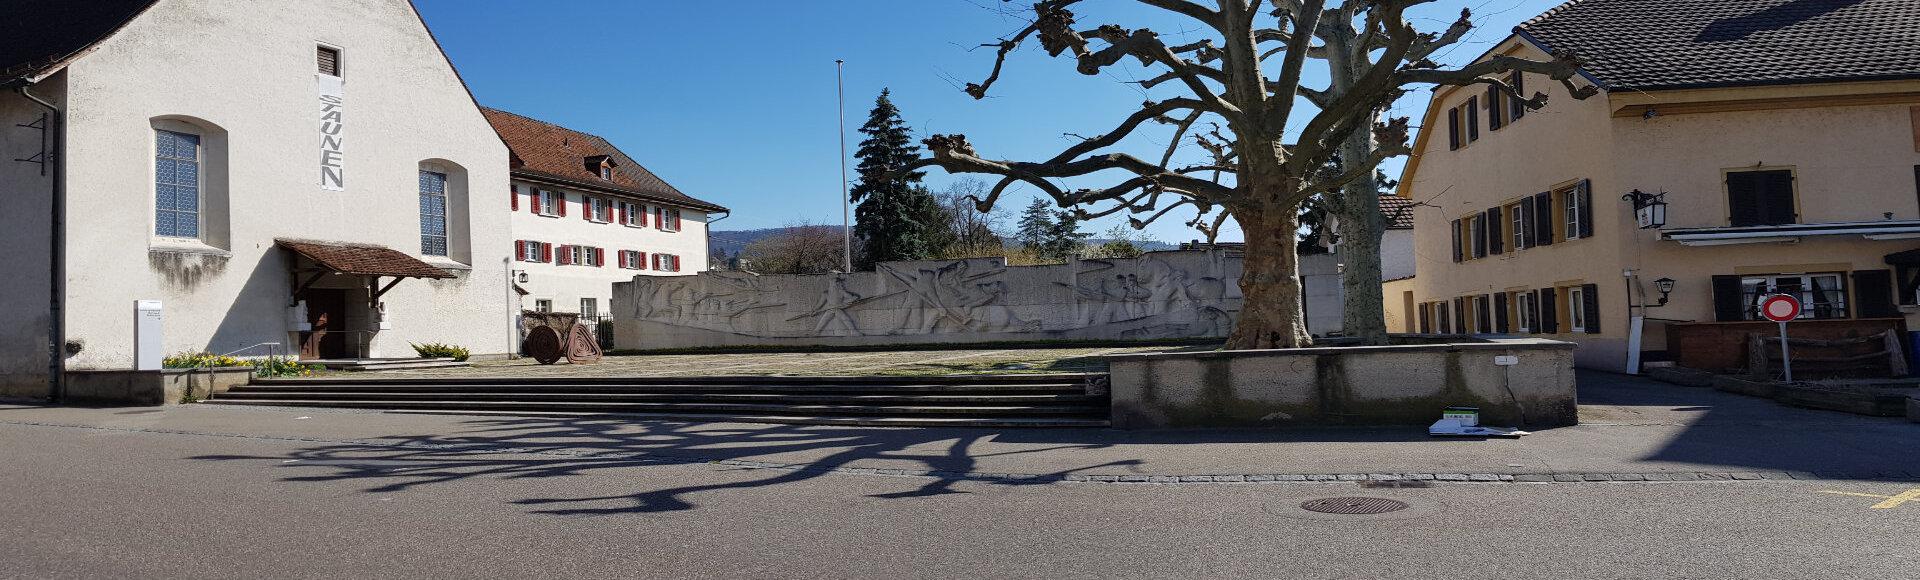 Symbolbild zeigt den Platz vor dem Kloster Dornach